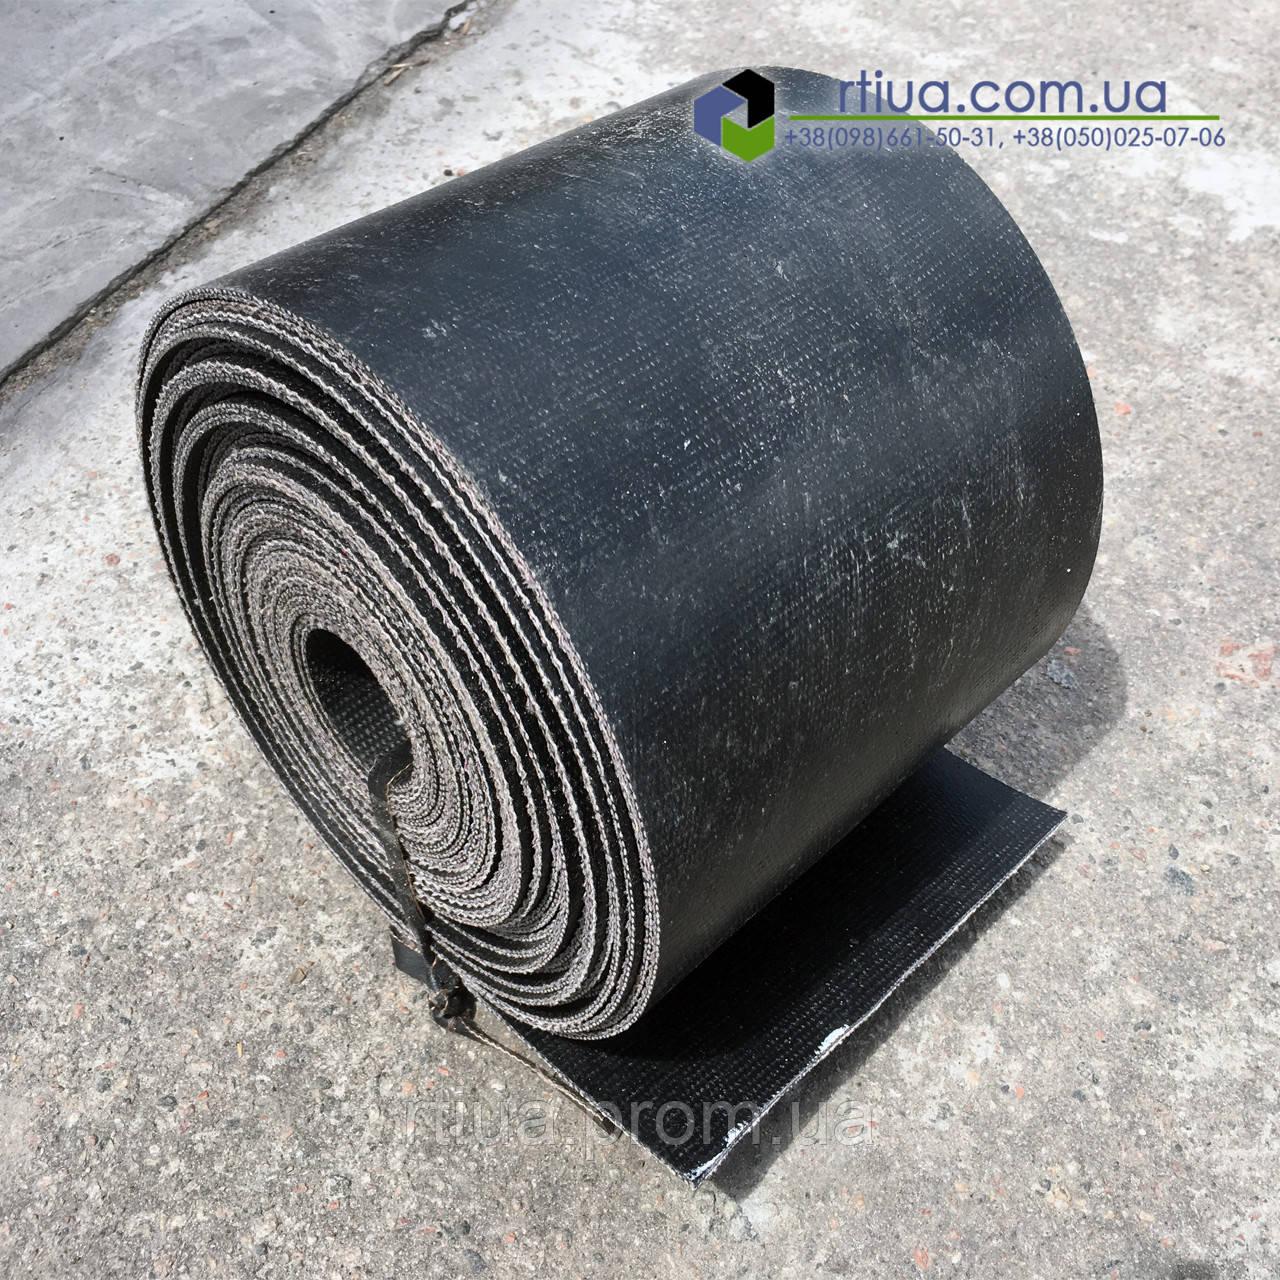 Транспортерная лента БКНЛ, 125х2 мм